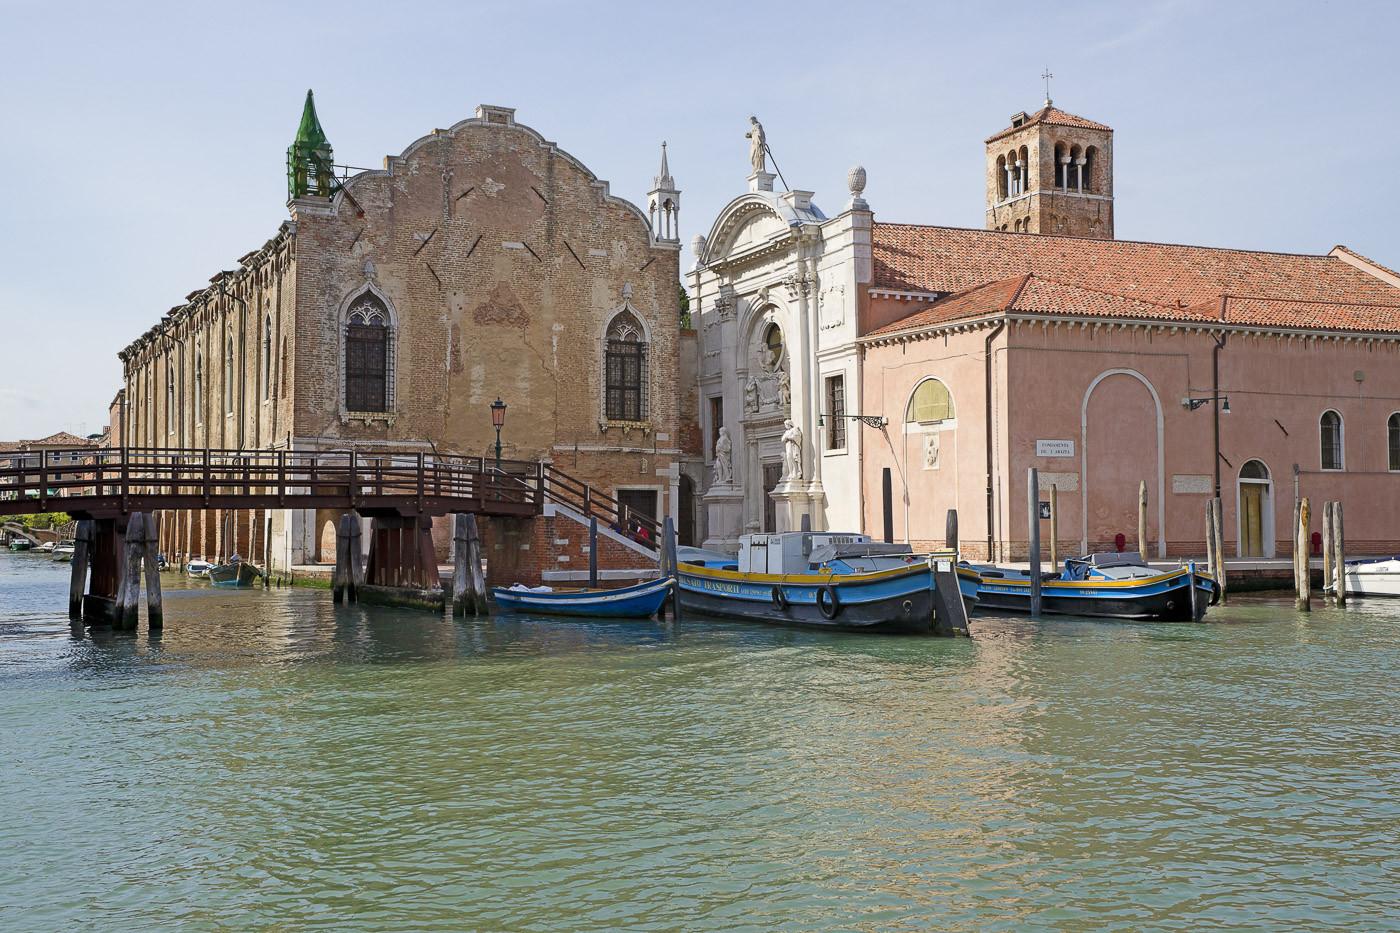 Abbazia_della_Misericordia_Venezia2.jpg